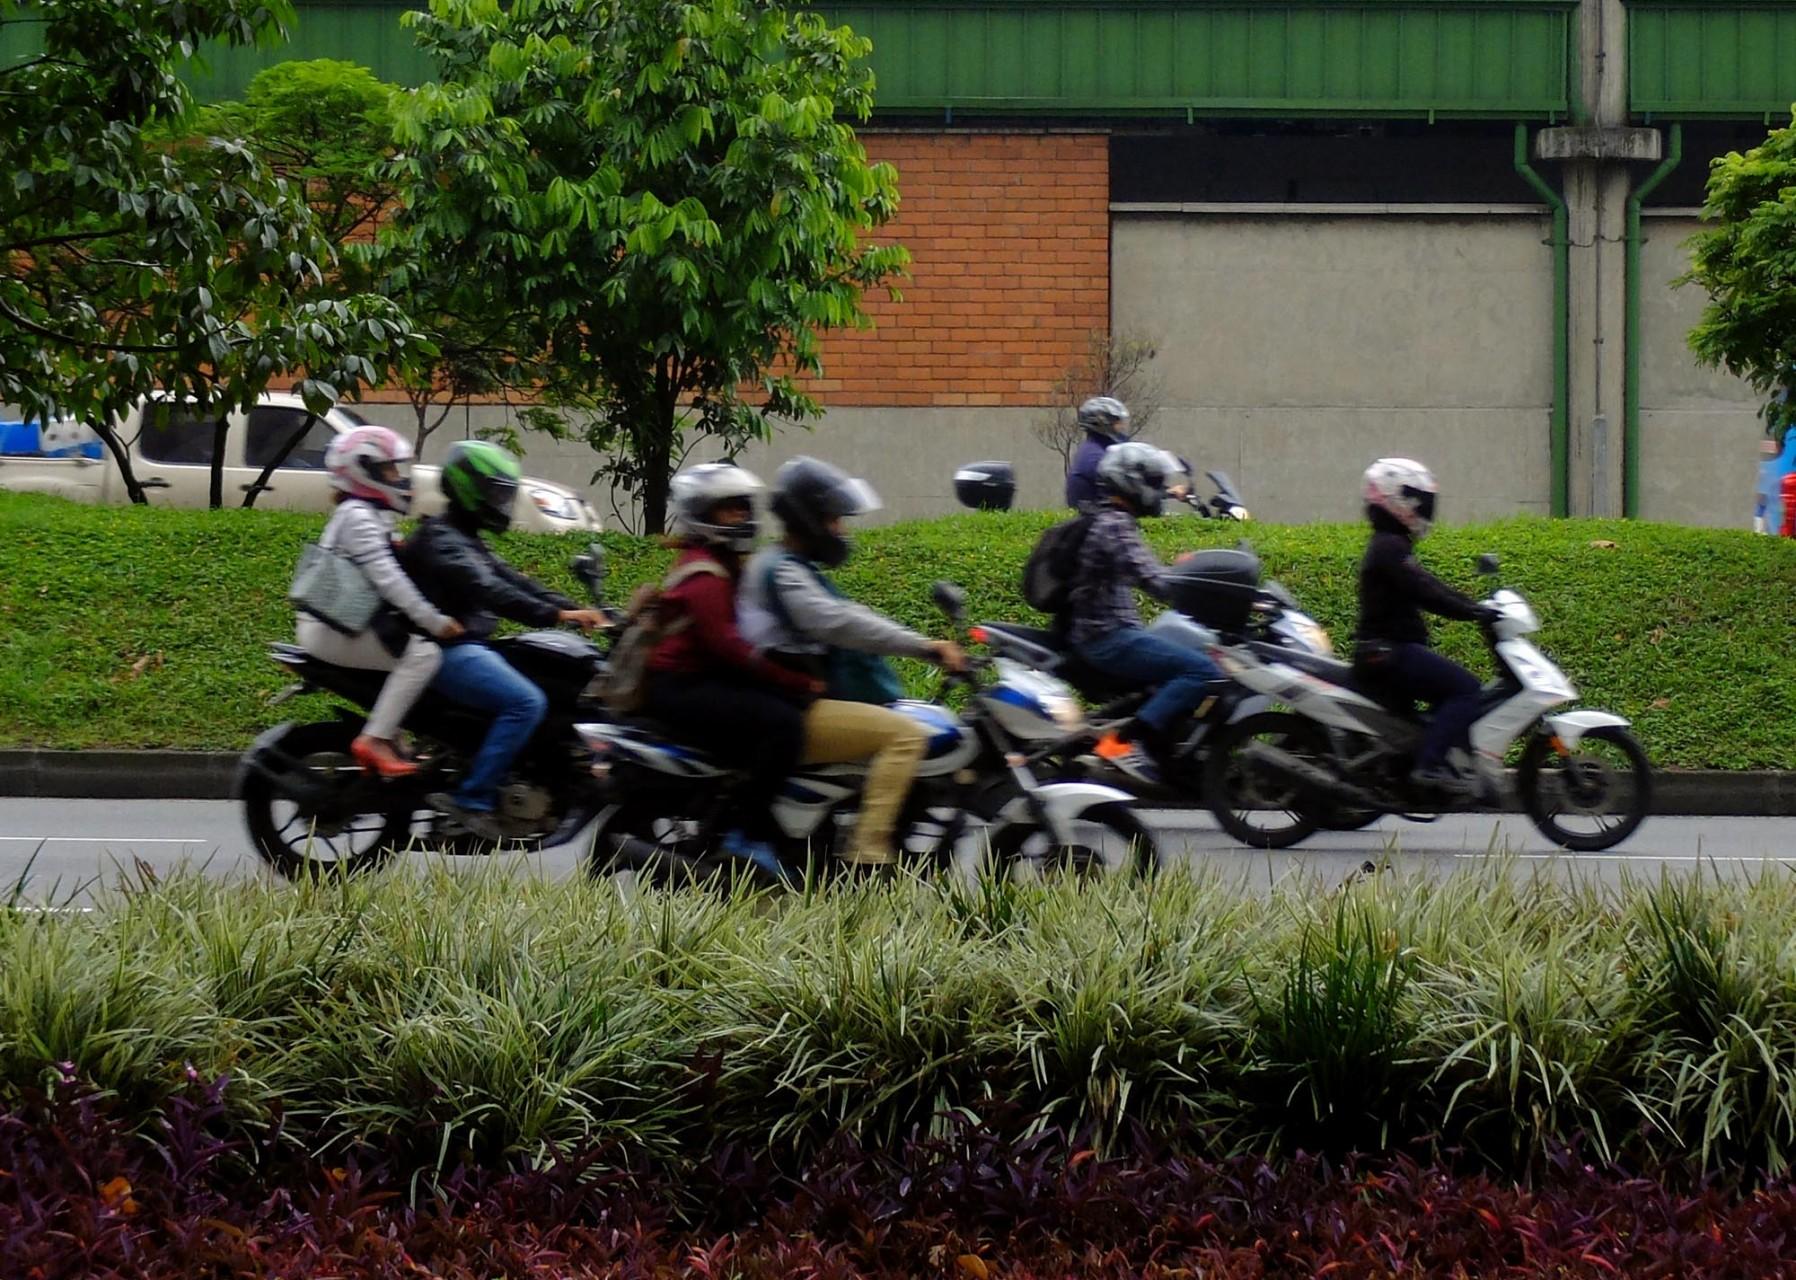 """Con los problemas de las urbes grandes: miles de motos eluden los tacos o """"trancones"""" como le llaman acá."""